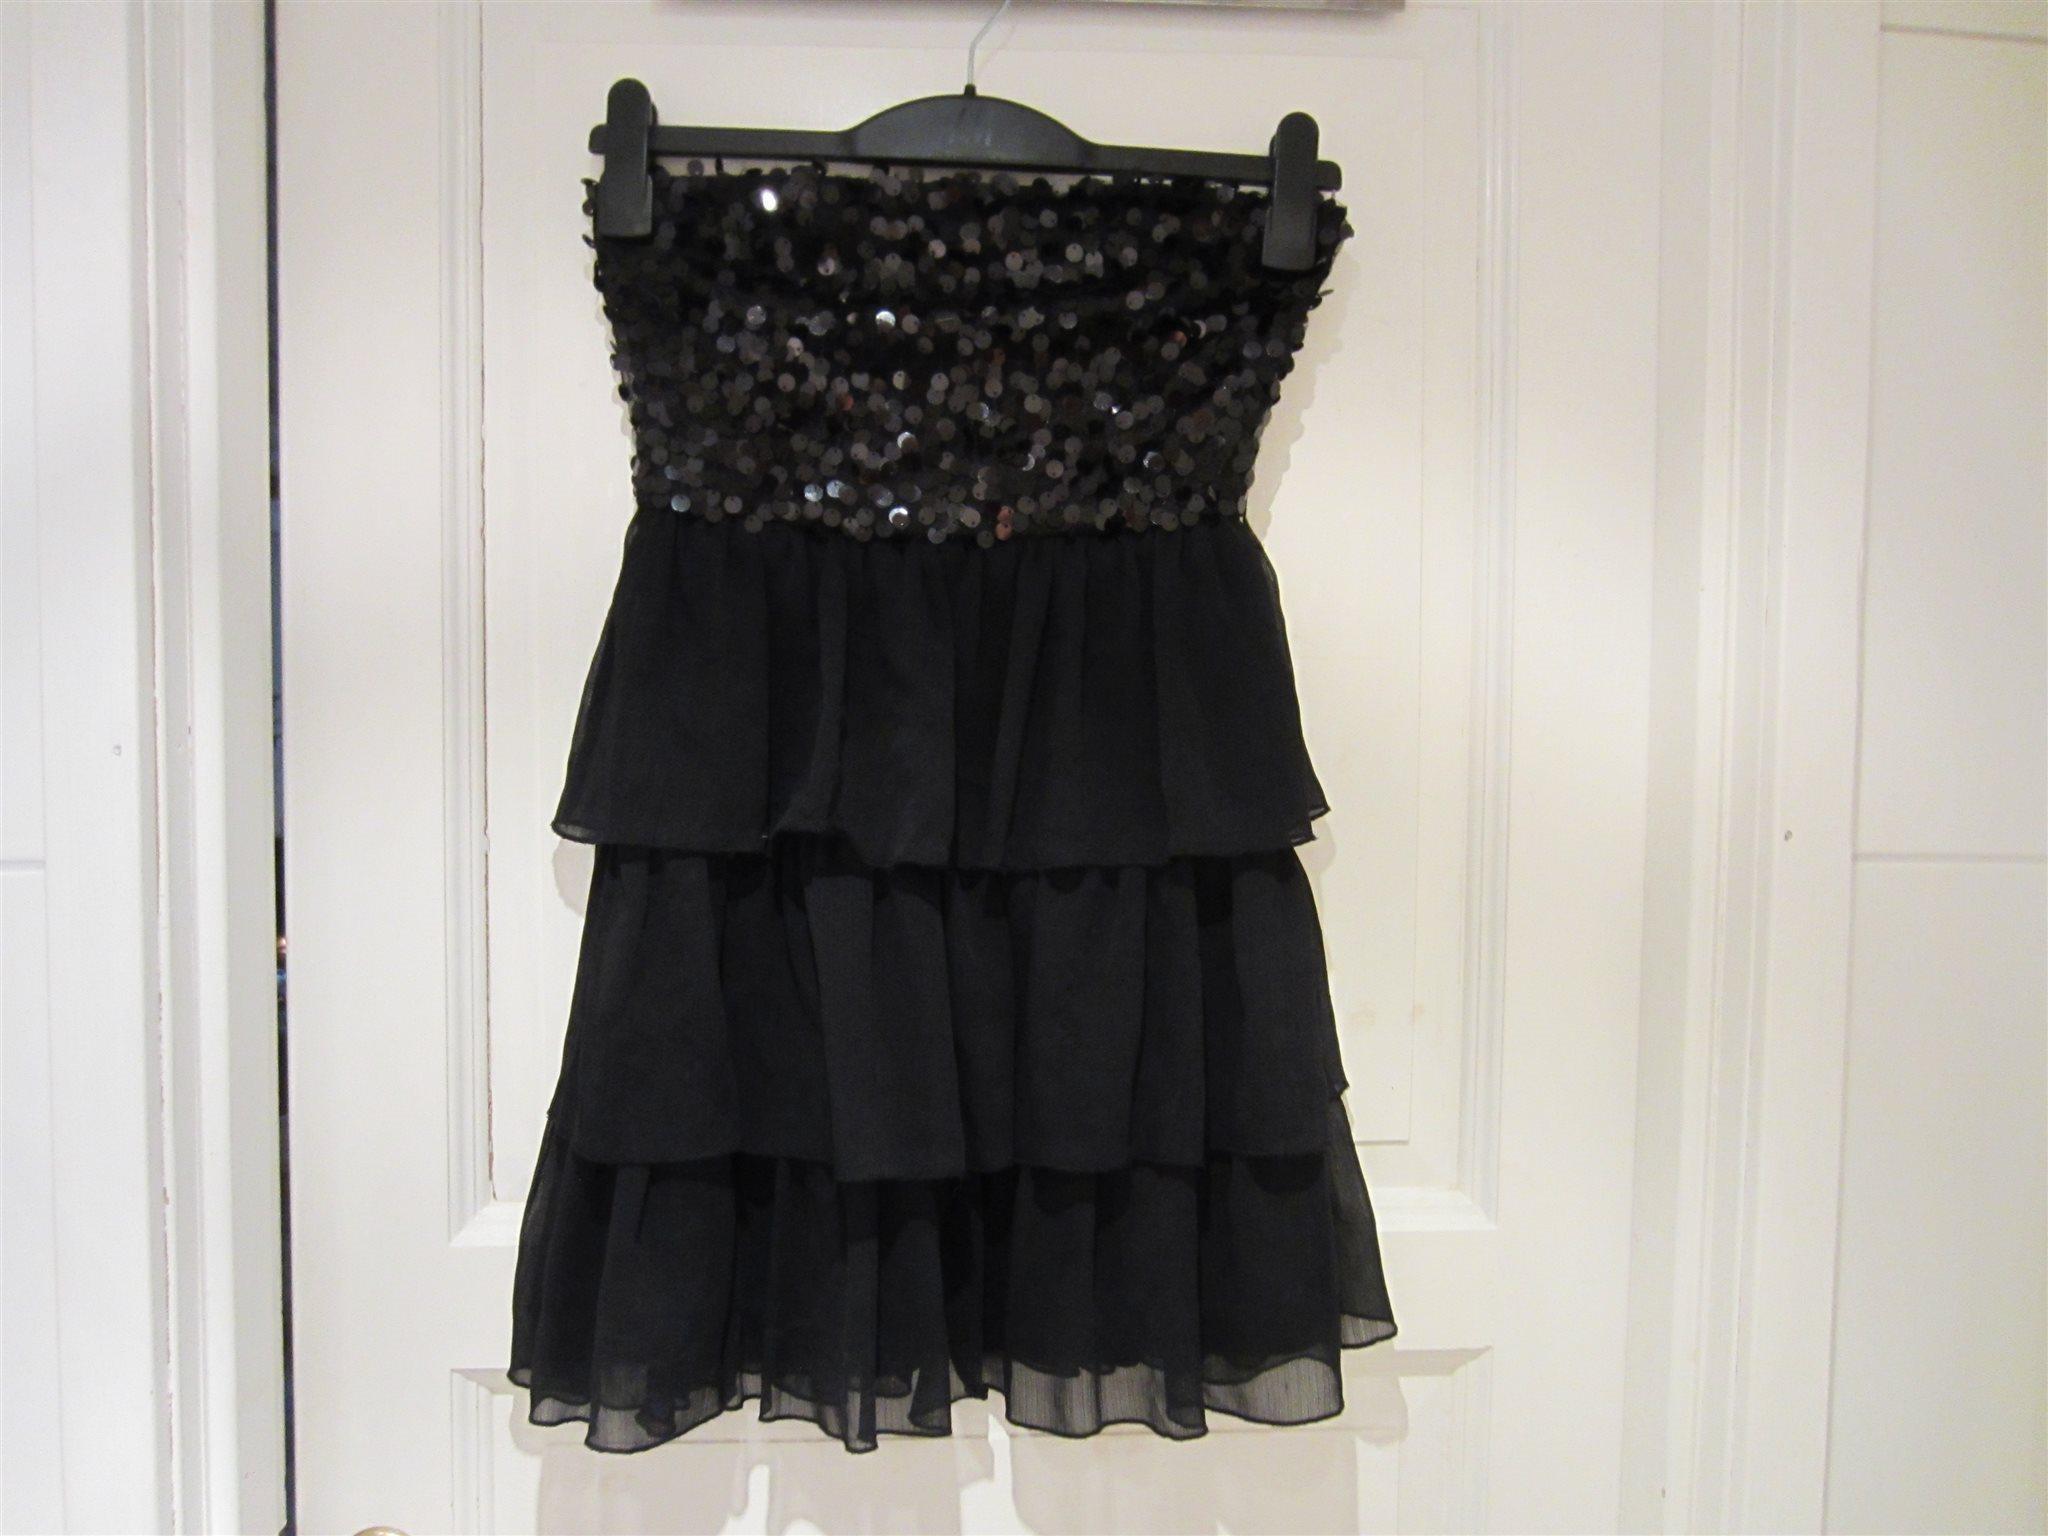 svart klänning med paljetter